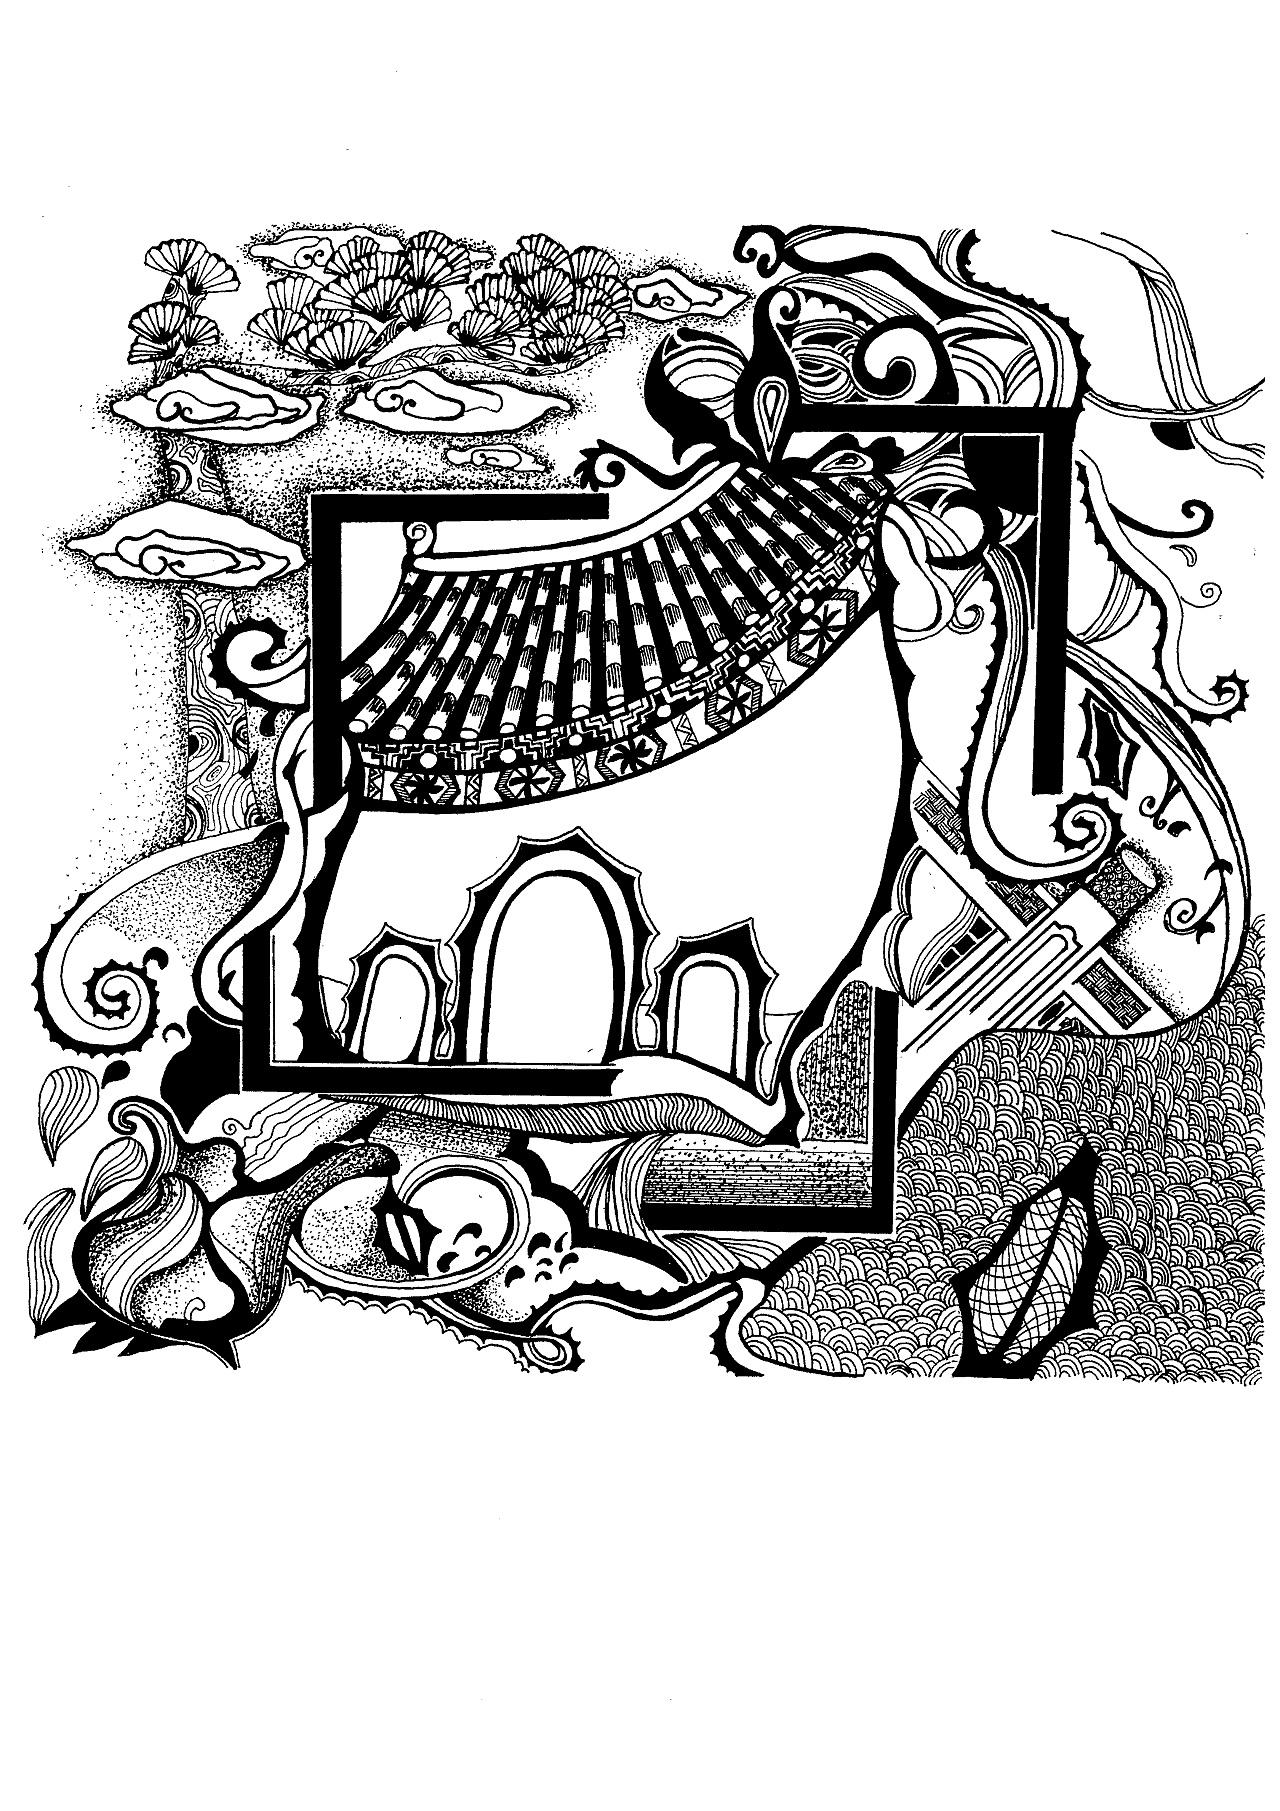 黑白风景画_《手绘|黑白装饰画》(四)|纯艺术|速写|GD权世界 - 原创作品 ...